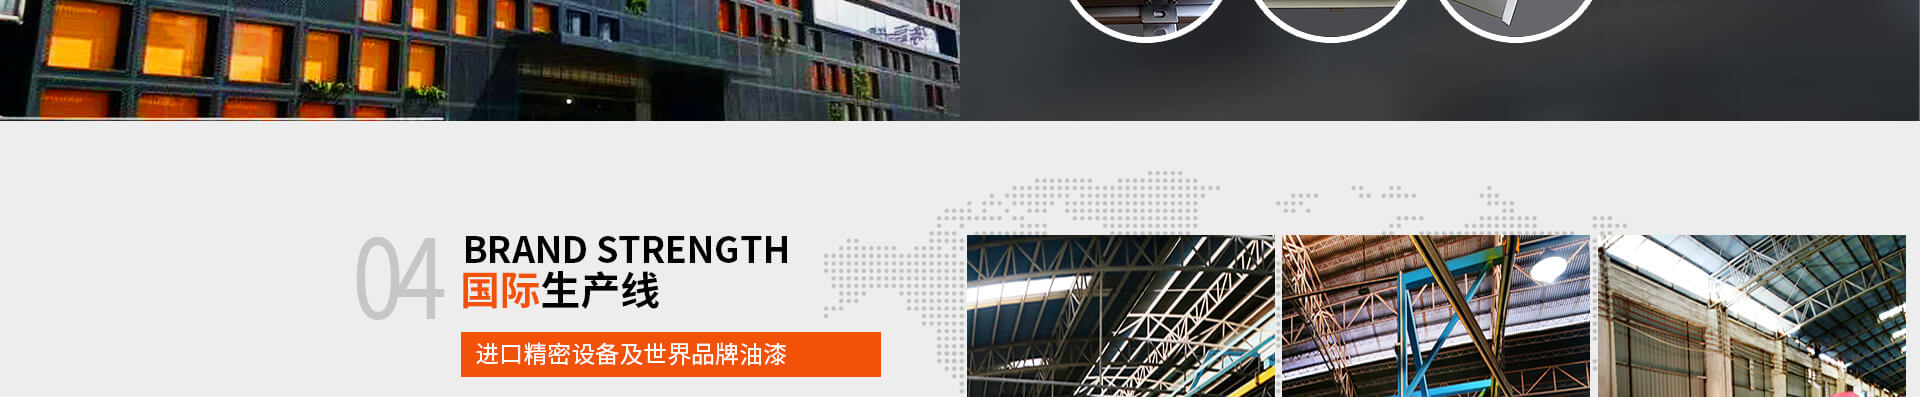 ·   钣金加工设备:德国原装进口全自动数控冲床